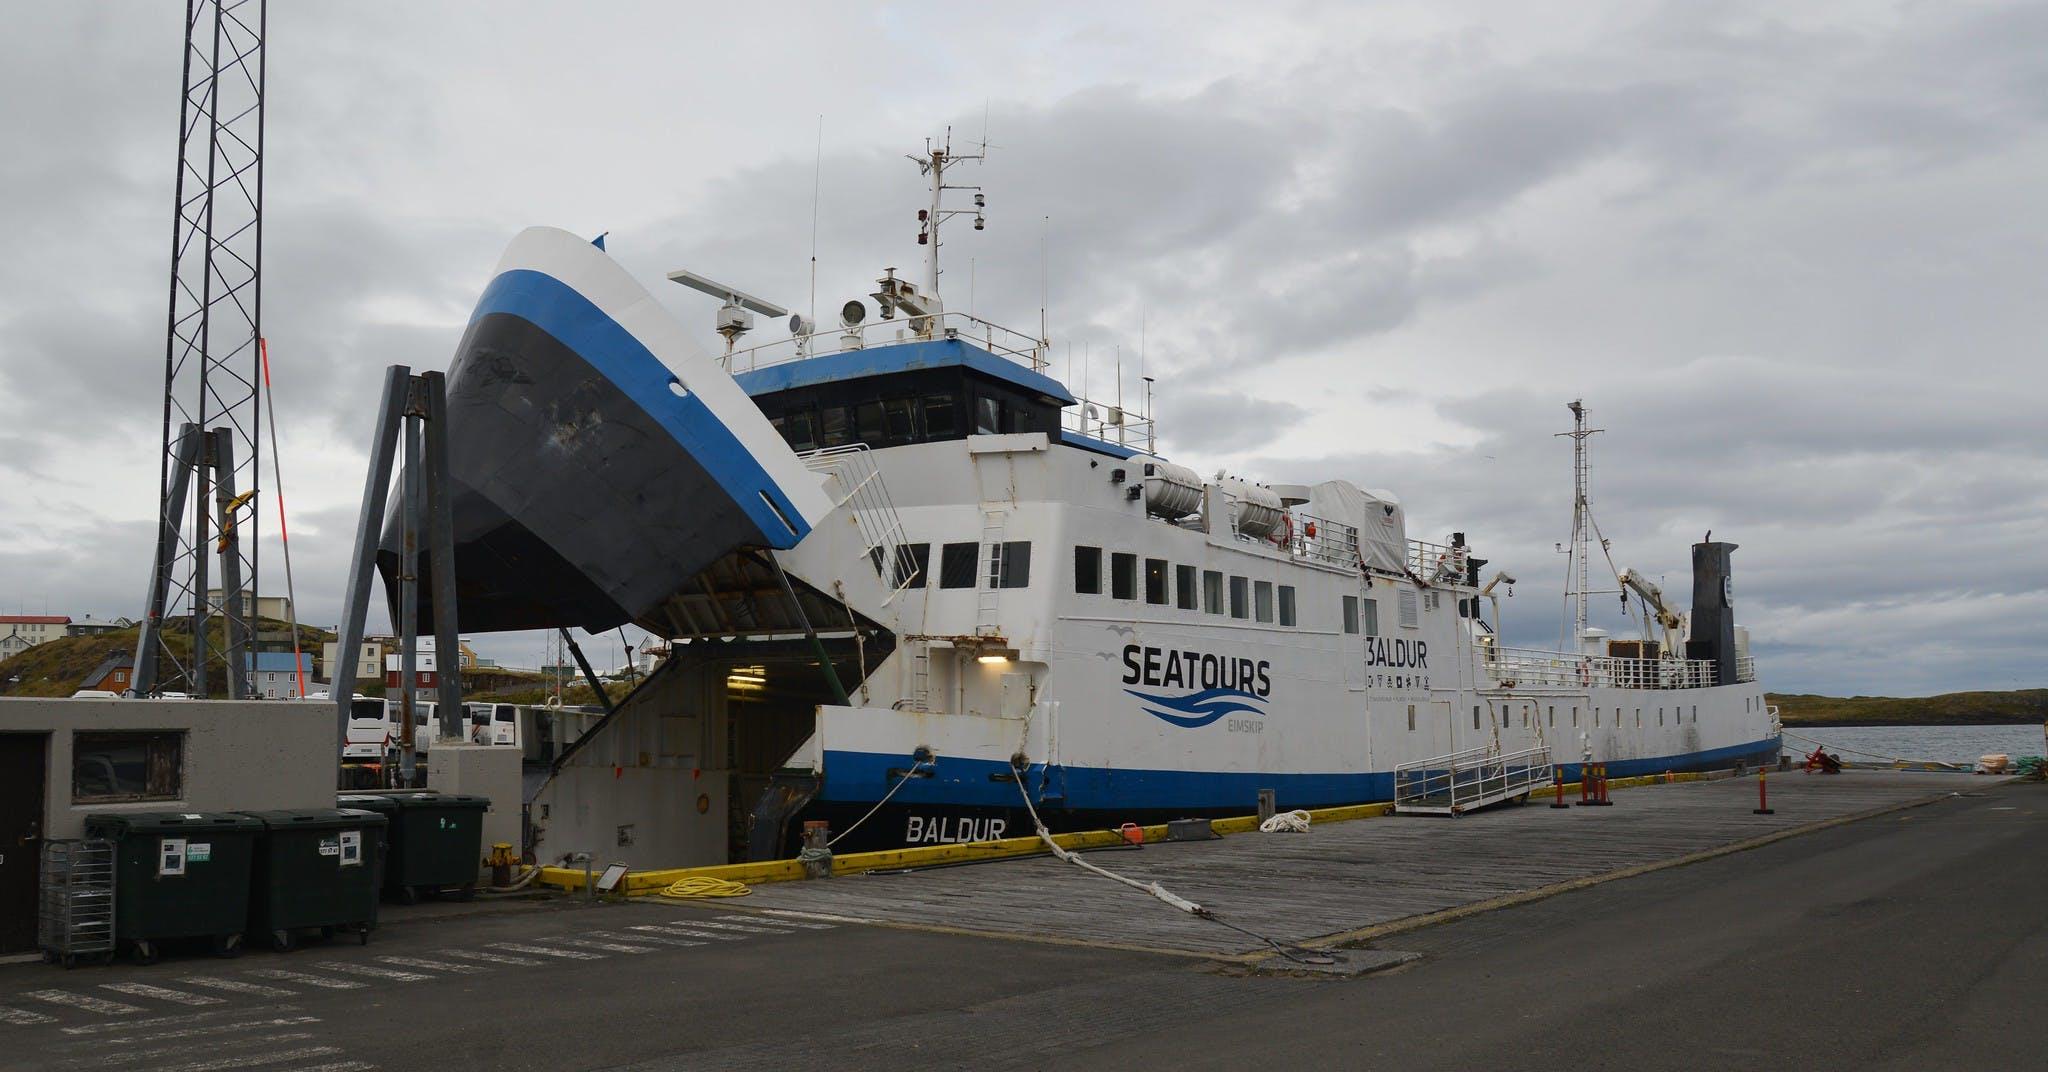 Baldur ferry in Stykkisholmur